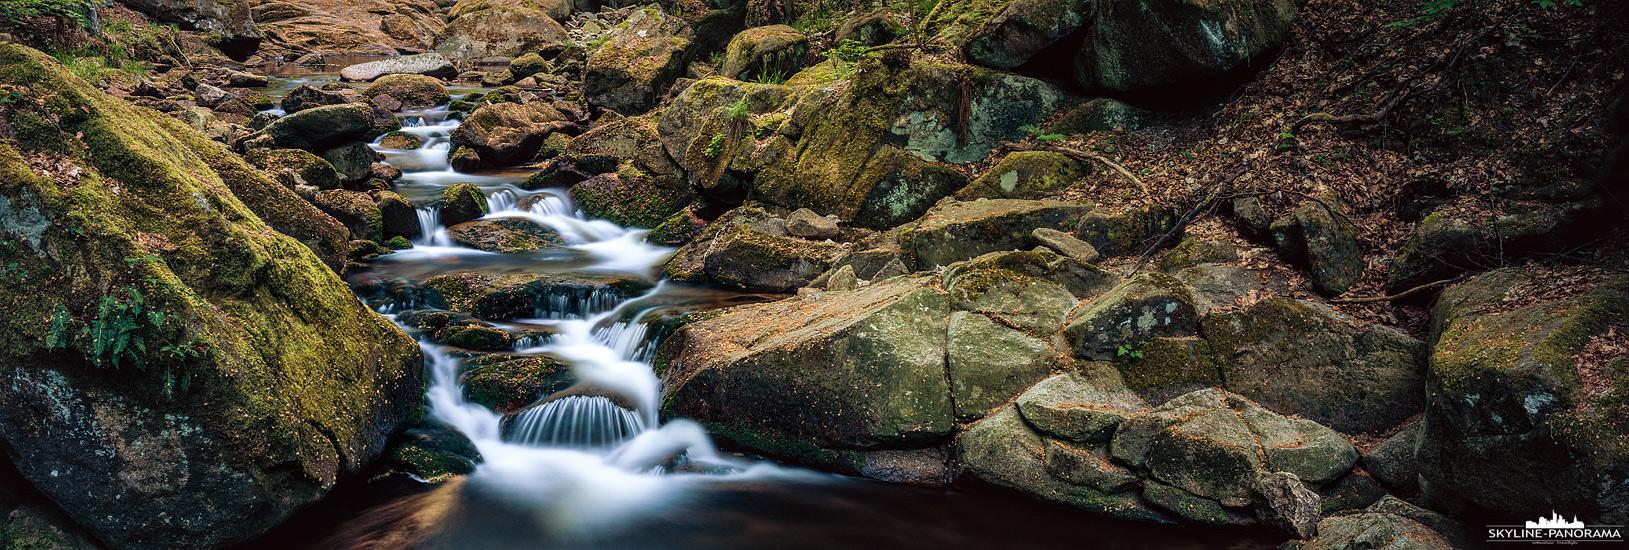 Der bei Ilsenburg als Ilsefälle bekannte Wasserlauf des Flusses Ilse im Harz. Entlang des Ilsetal verläuft der Heinrich-Heine-Wanderweg zum Gipfel des Brockens